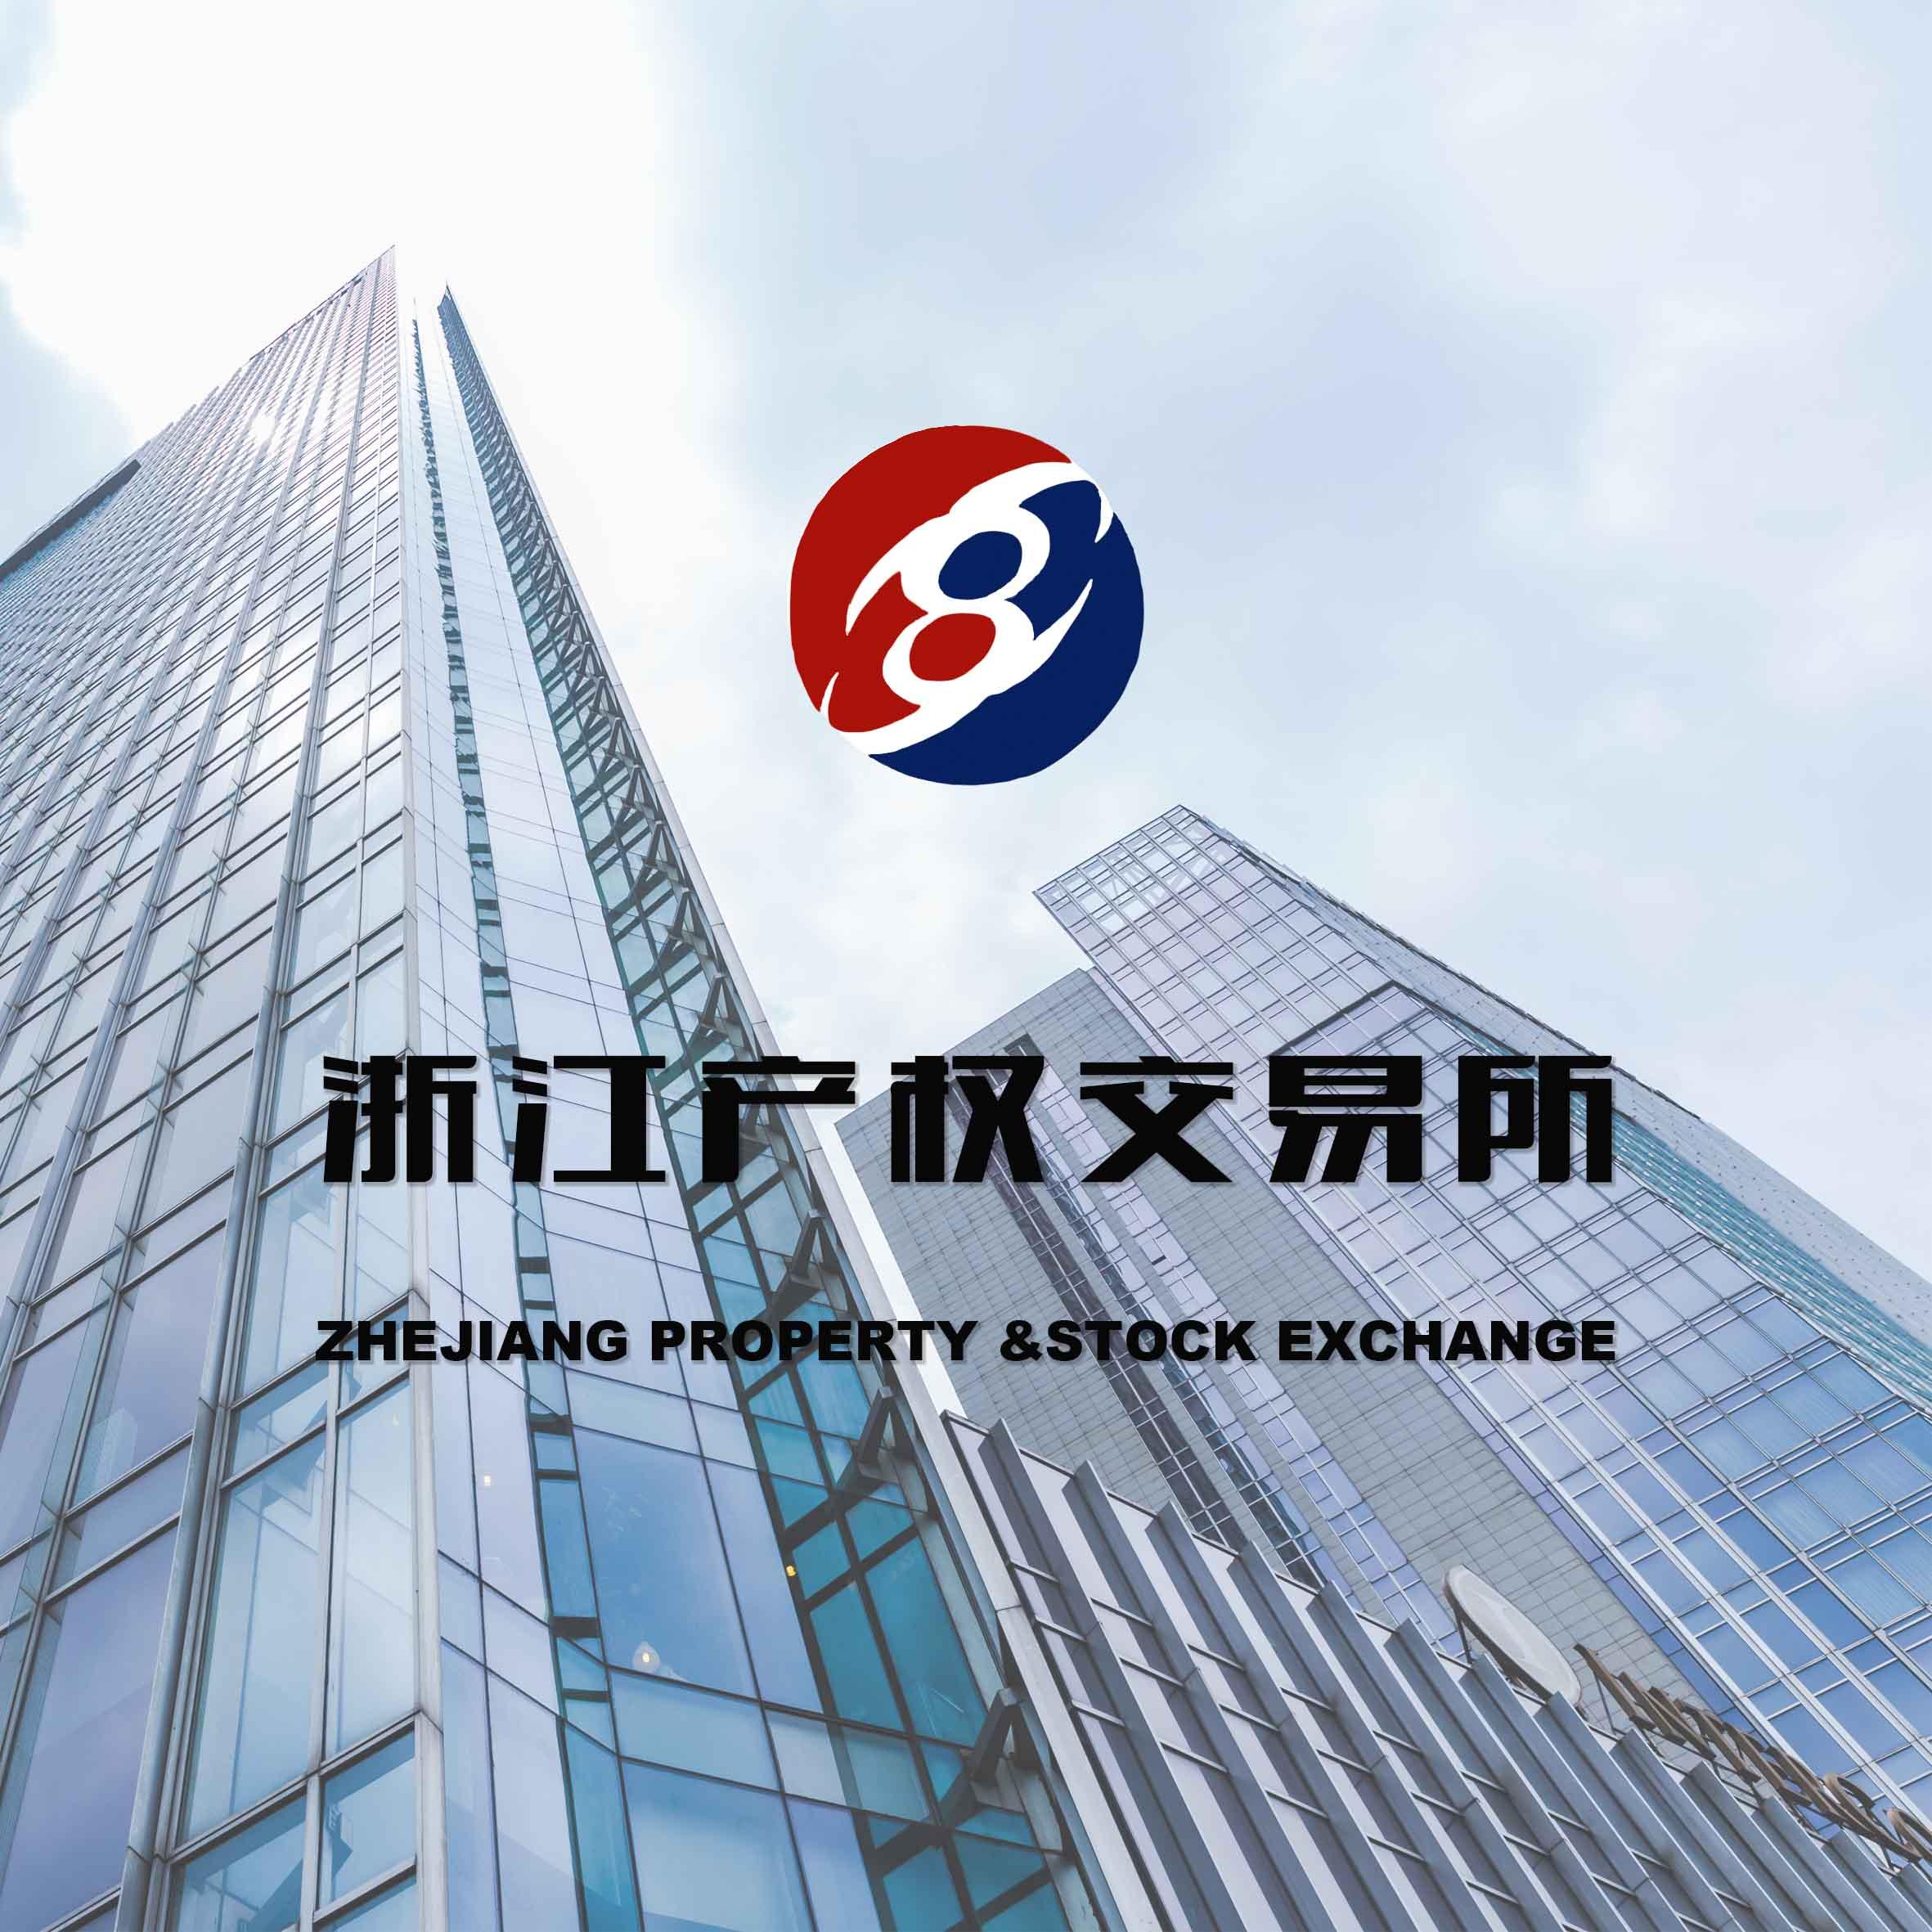 浙江产权交易所